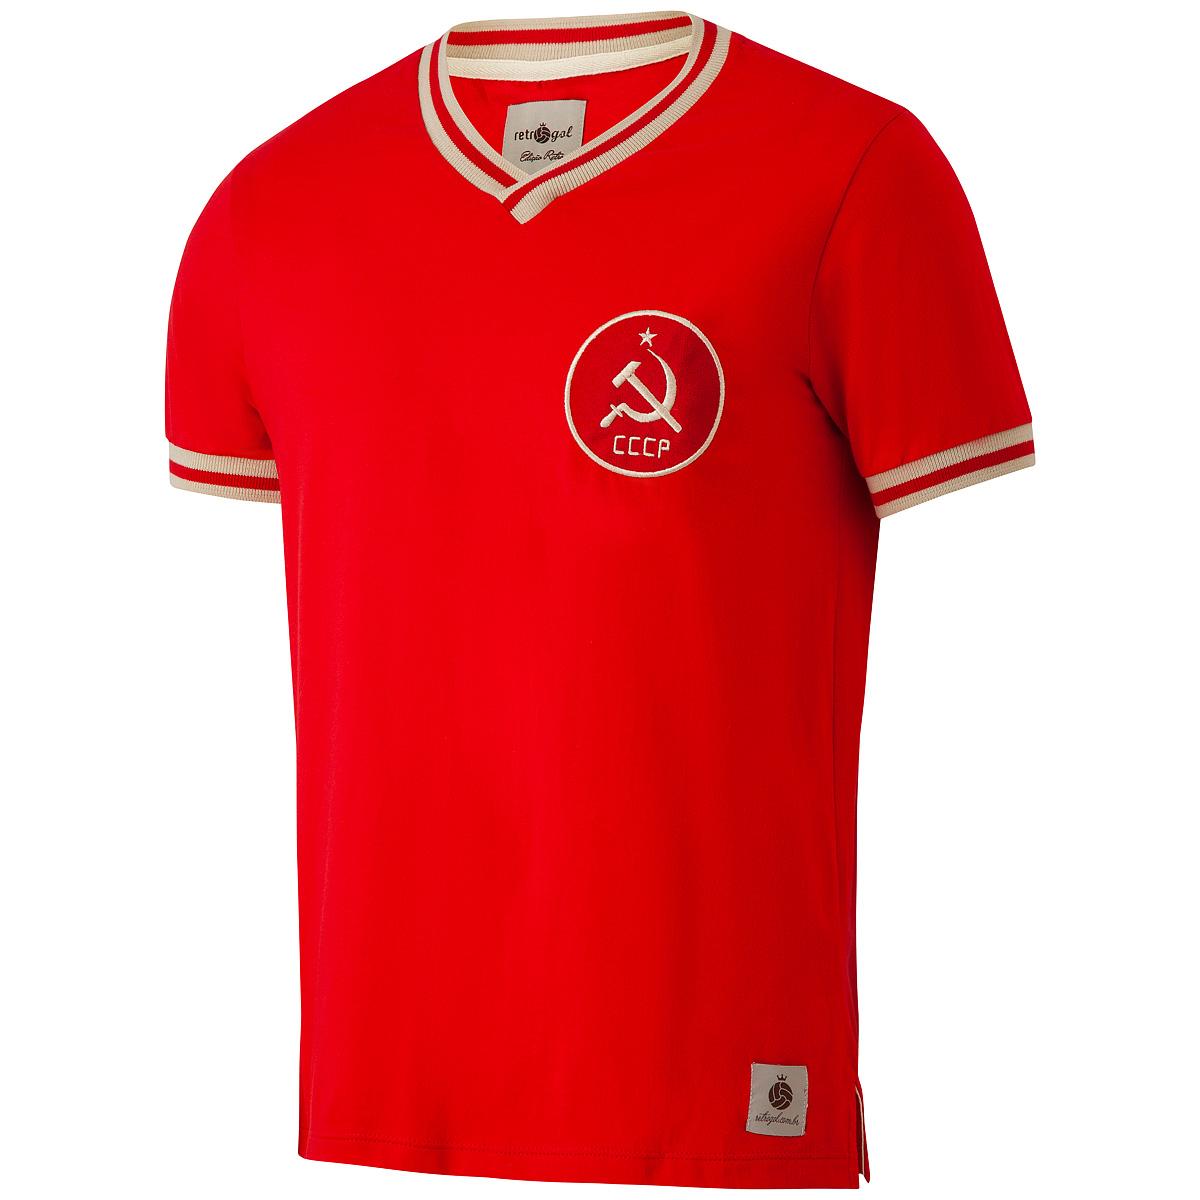 Camisa Retrô CCCP Masculina